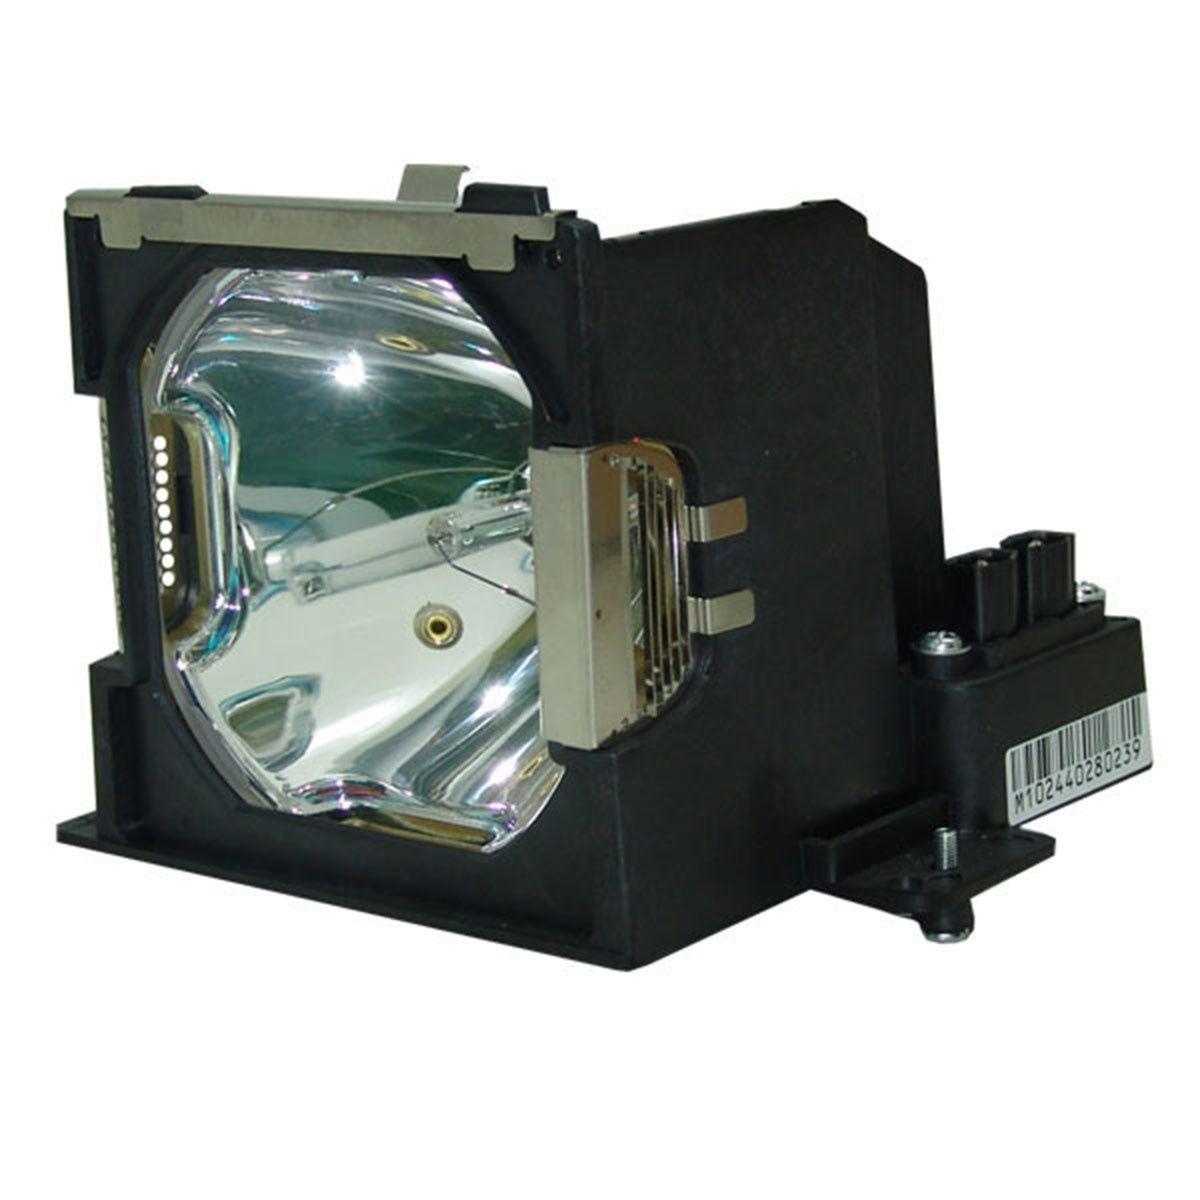 Projector Lamp Bulb POA-LMP101 POALMP101 LMP101 610-328-7362 for SANYO ML-5500 PLC-XP57 PLC-XP57L with housing compatible projector lamp bulbs poa lmp136 for sanyo plc xm150 plc wm5500 plc zm5000l plc xm150l